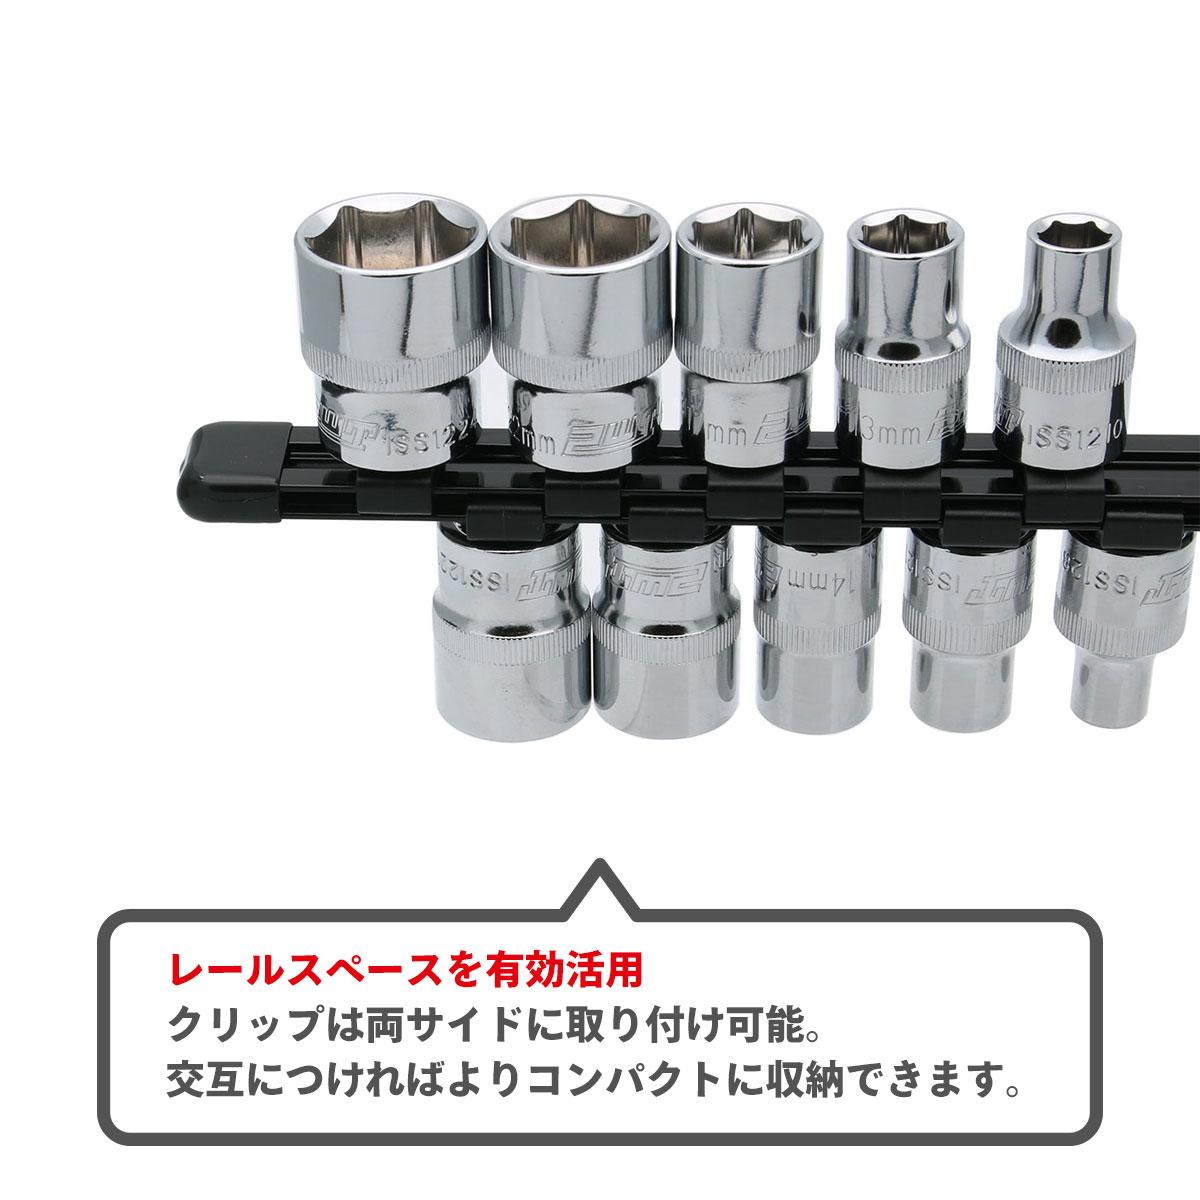 """PWT 1/2""""(12.7sq)DR. &1/4""""(6.35sq)DR. アルミ製 ソケットホルダー 305mm"""